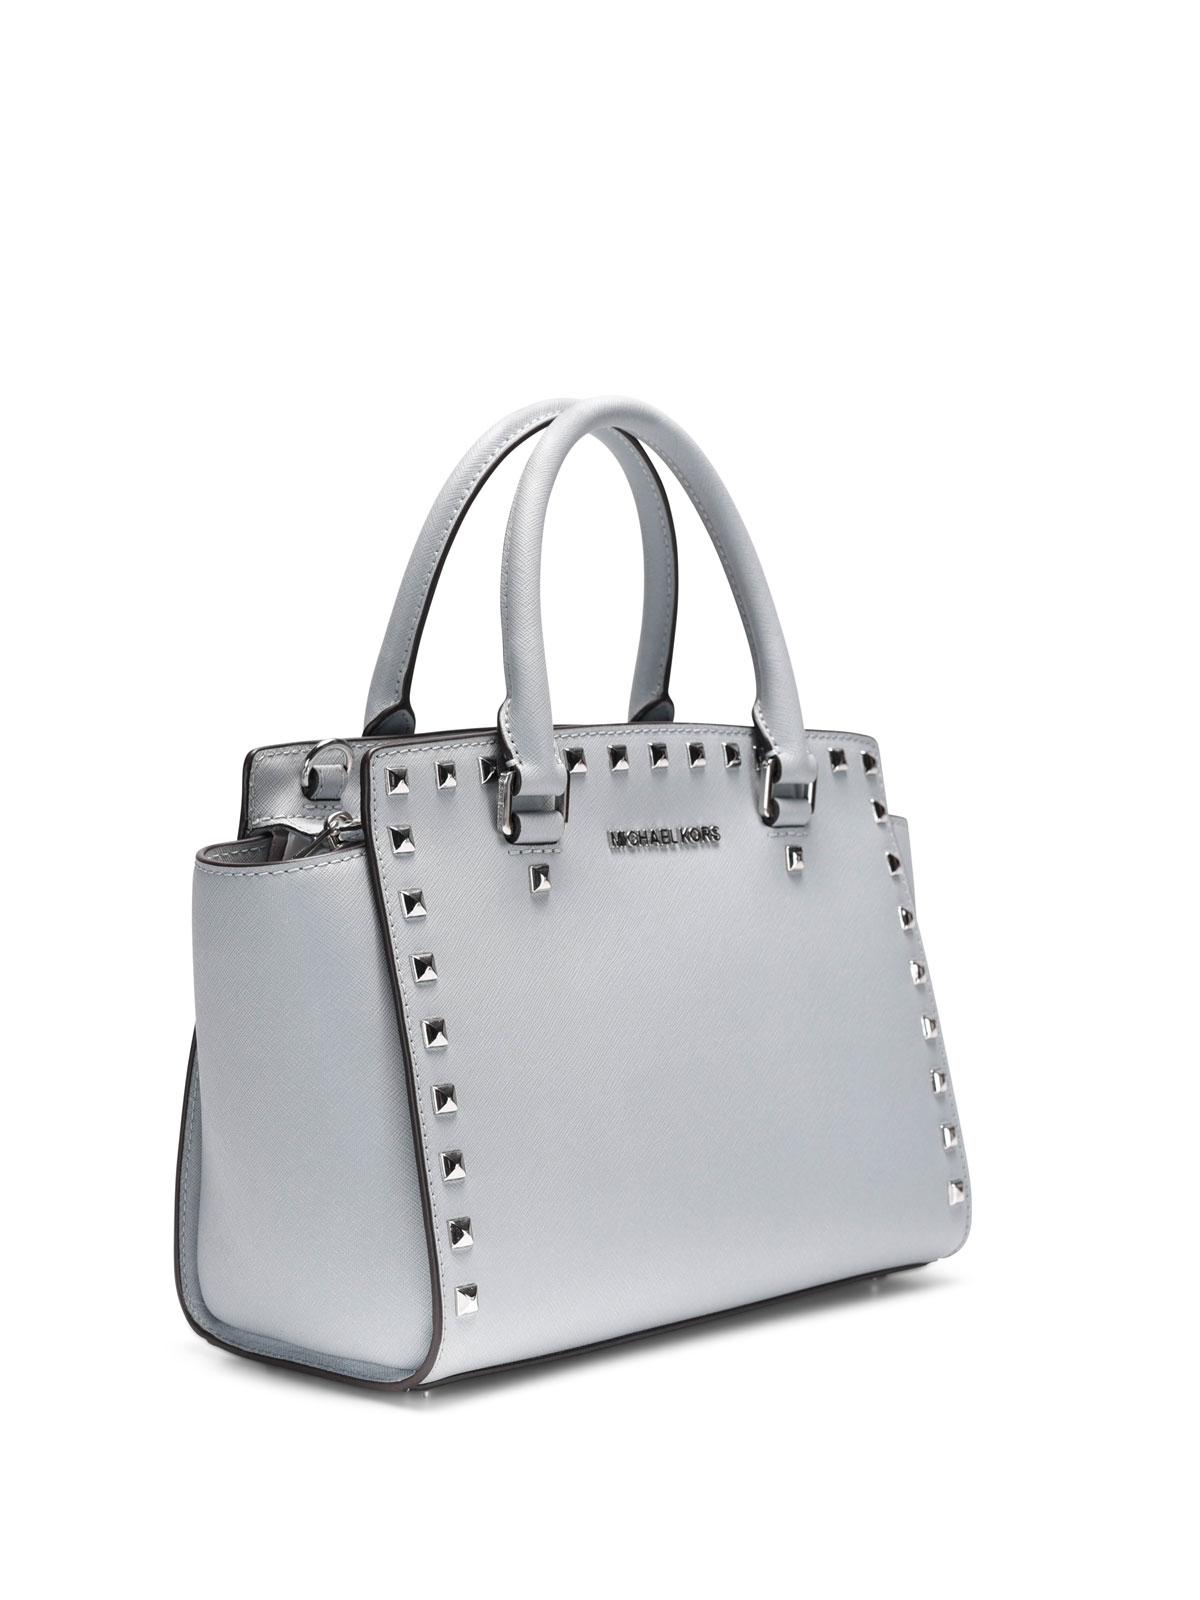 e3b42ed151 Michael Kors - Selma medium studded tote - totes bags - 30T3SSMS2L